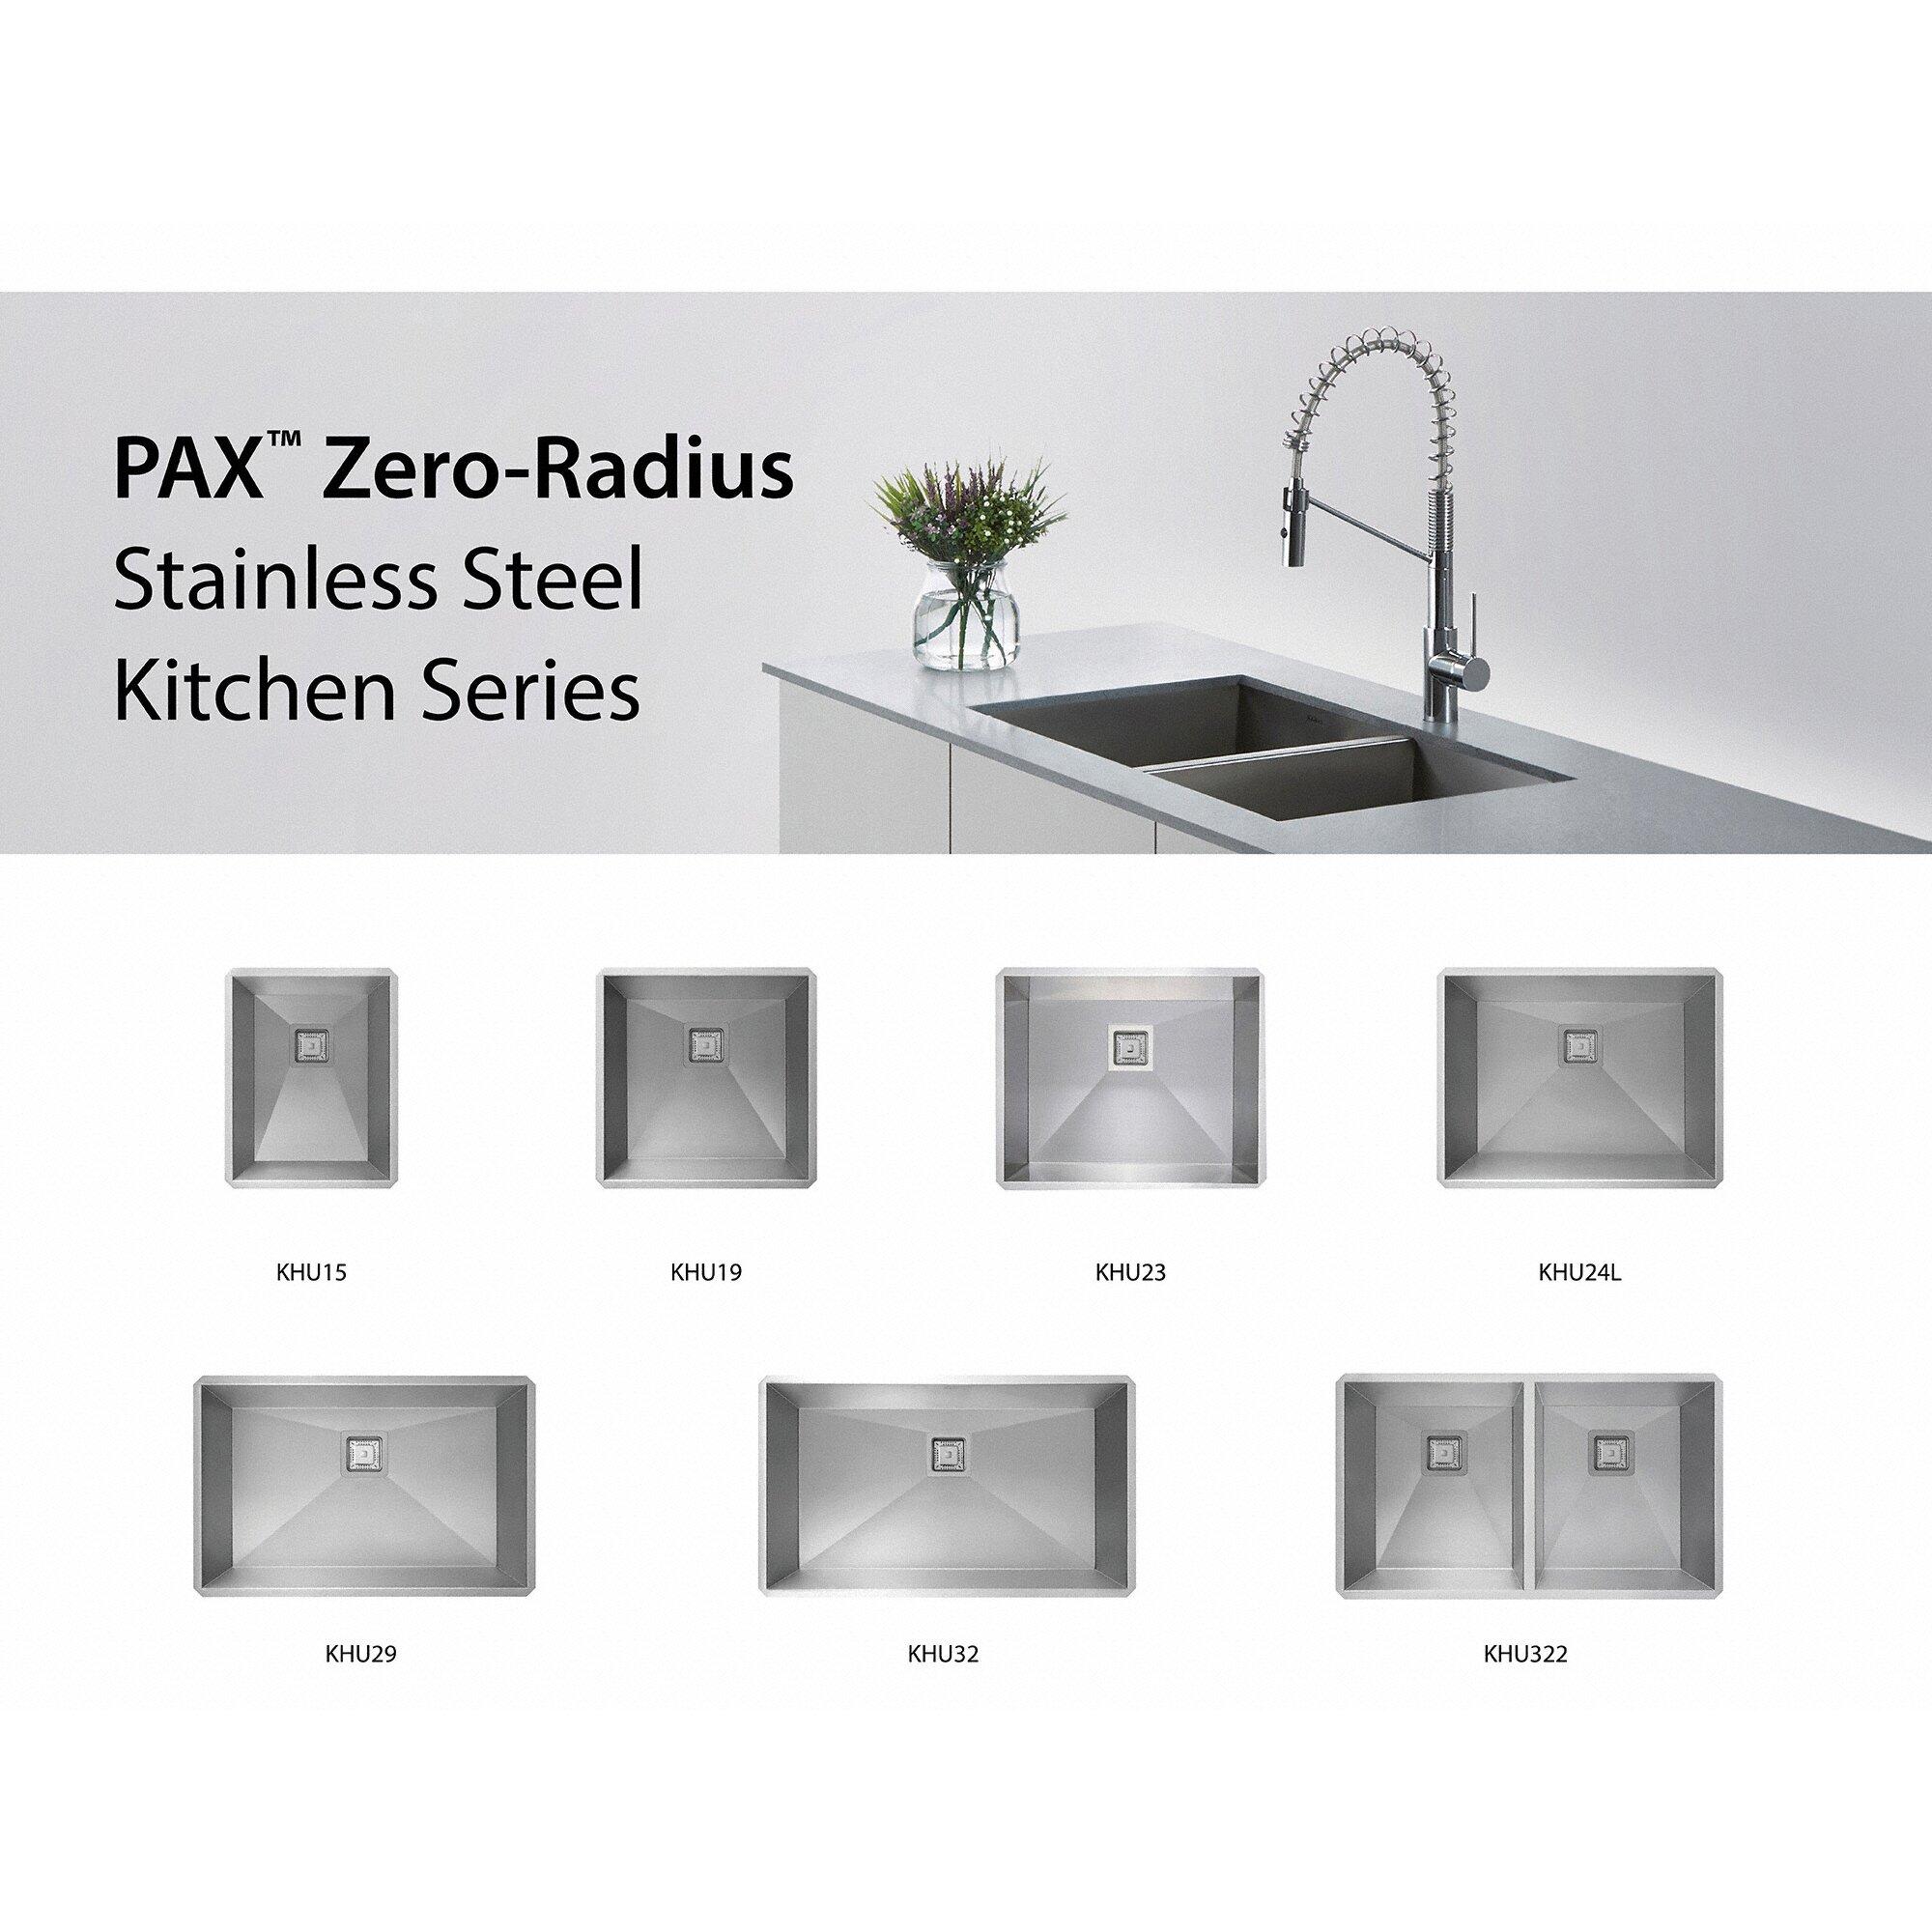 18 X 18 Utility Sink : Pax? Zero-Radius 24